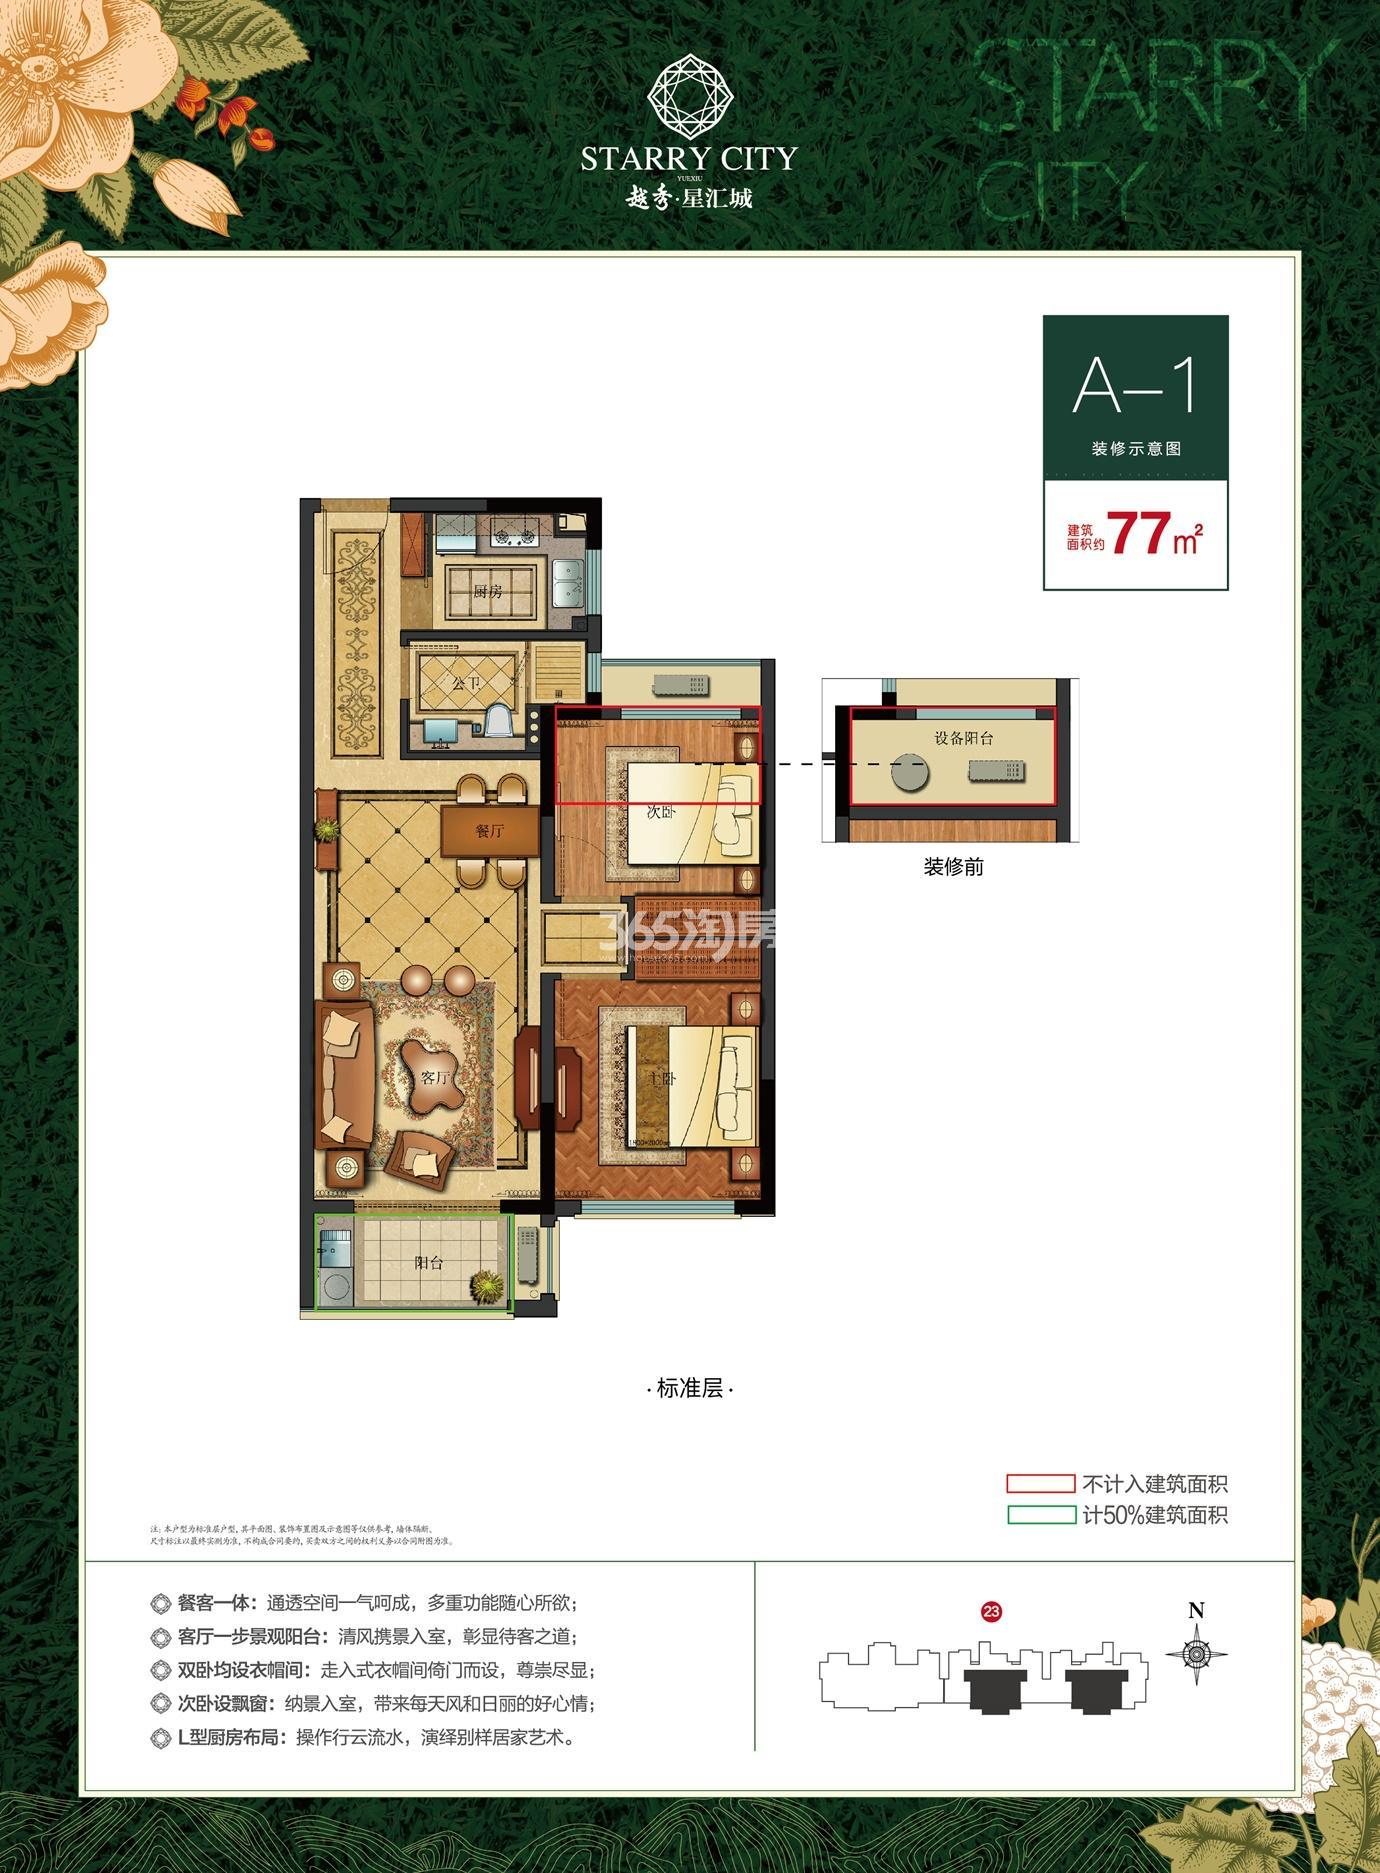 越秀星汇城A-1户型77方 (23号楼)